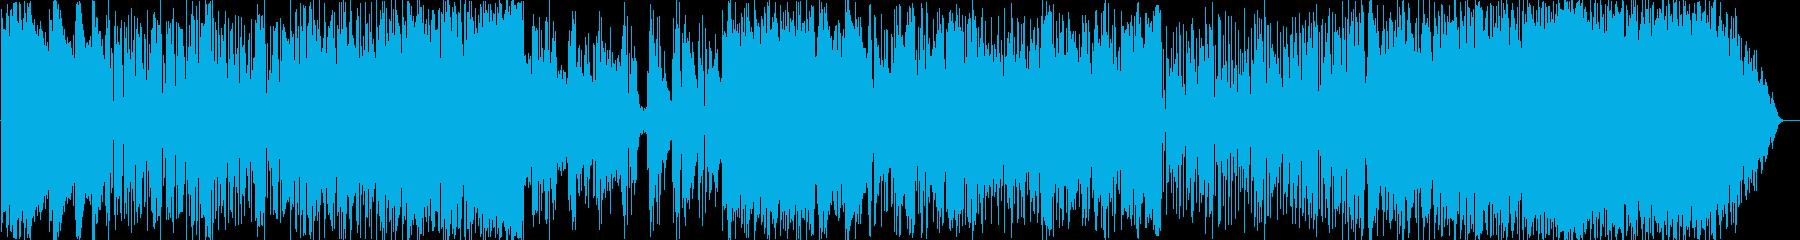 イントロ暗め~軽快なサビ~アドリブ~EDの再生済みの波形